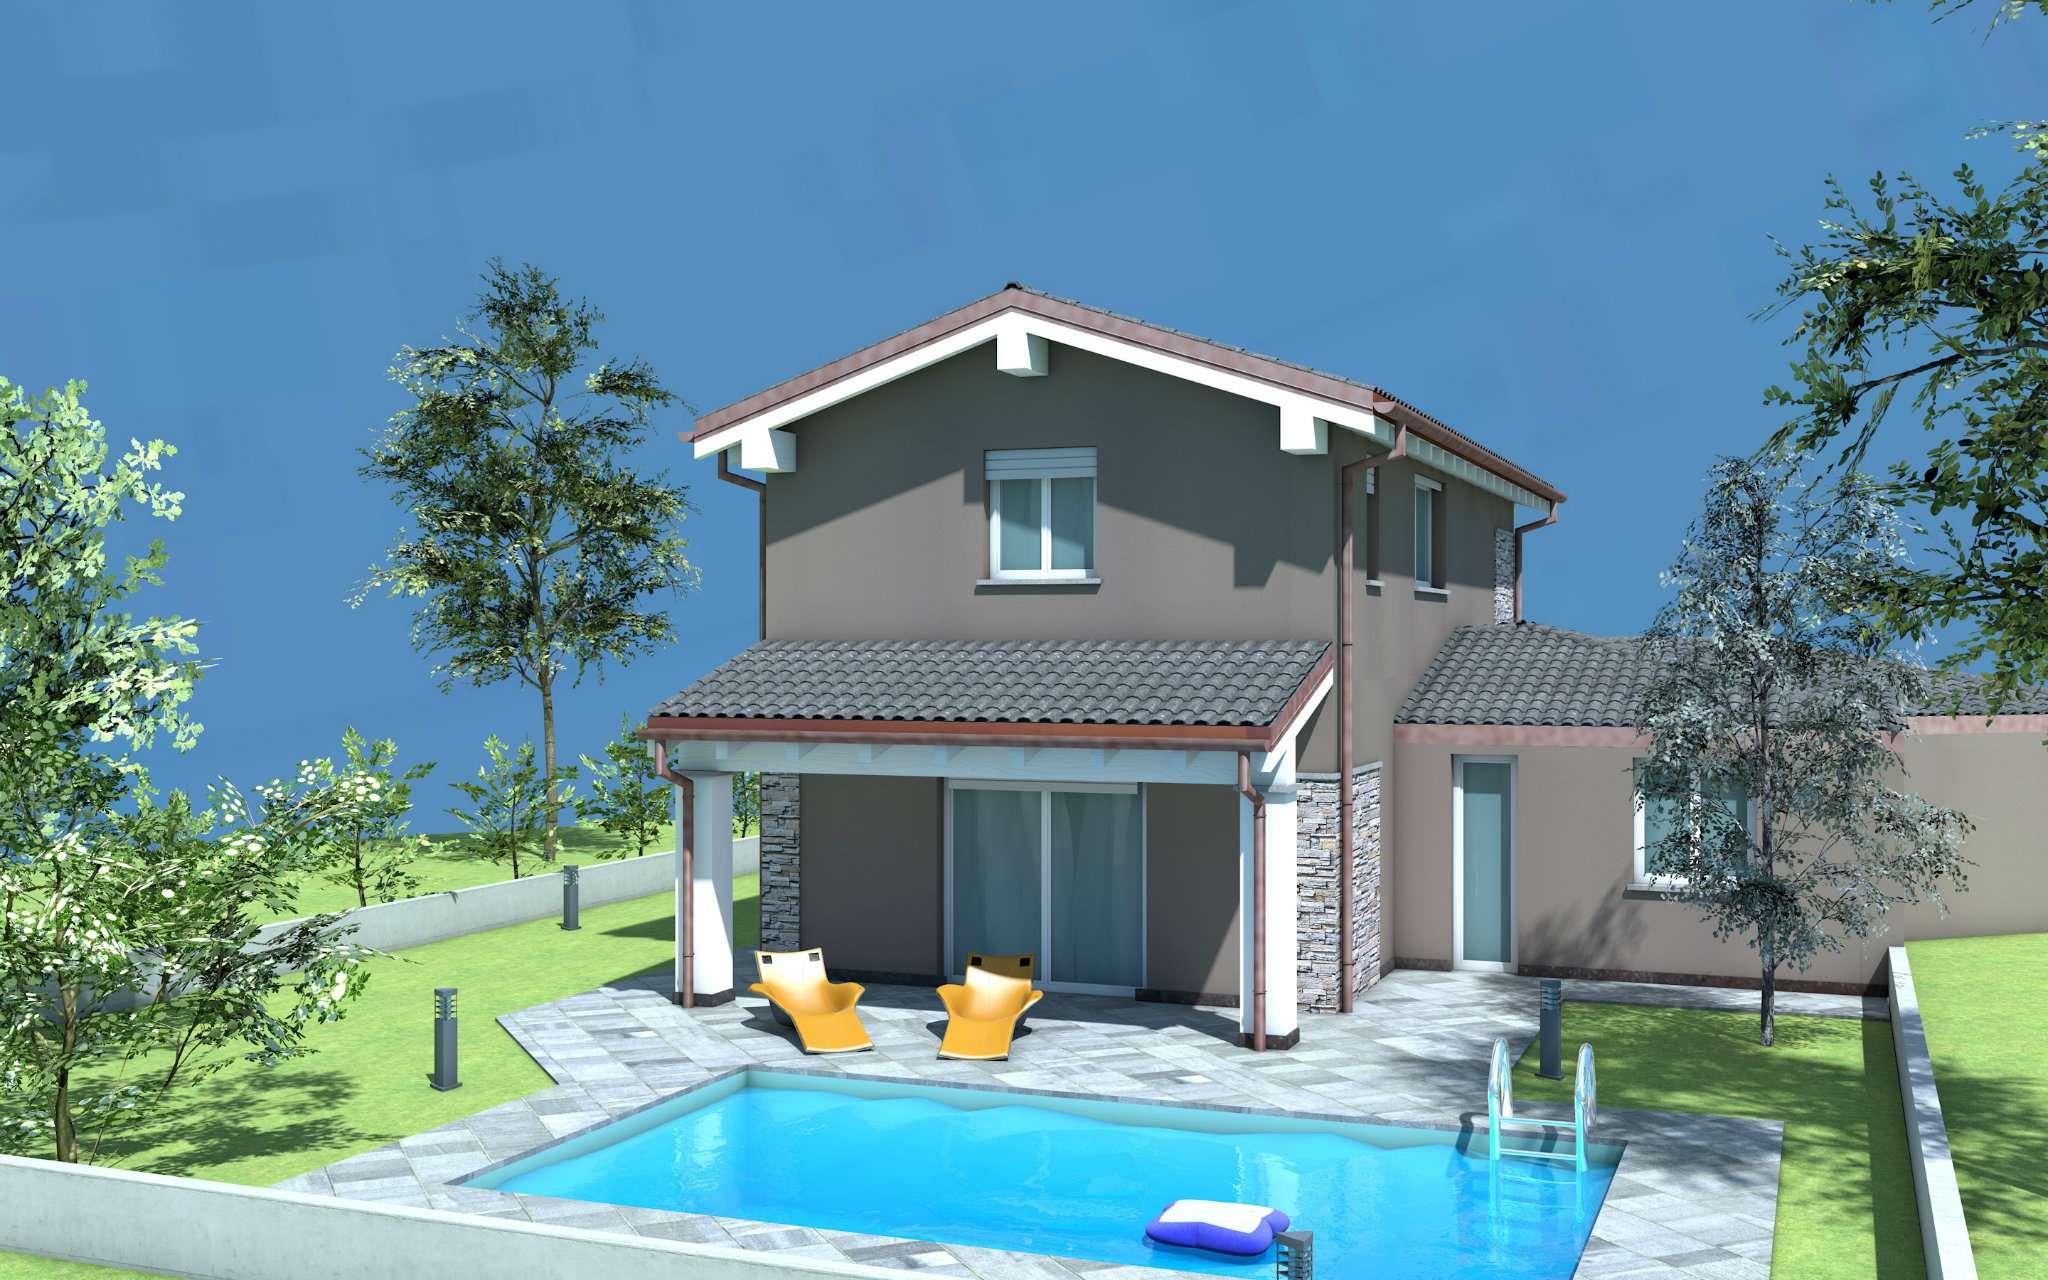 Villa in vendita a Misano di Gera d'Adda, 4 locali, prezzo € 295.000 | Cambio Casa.it